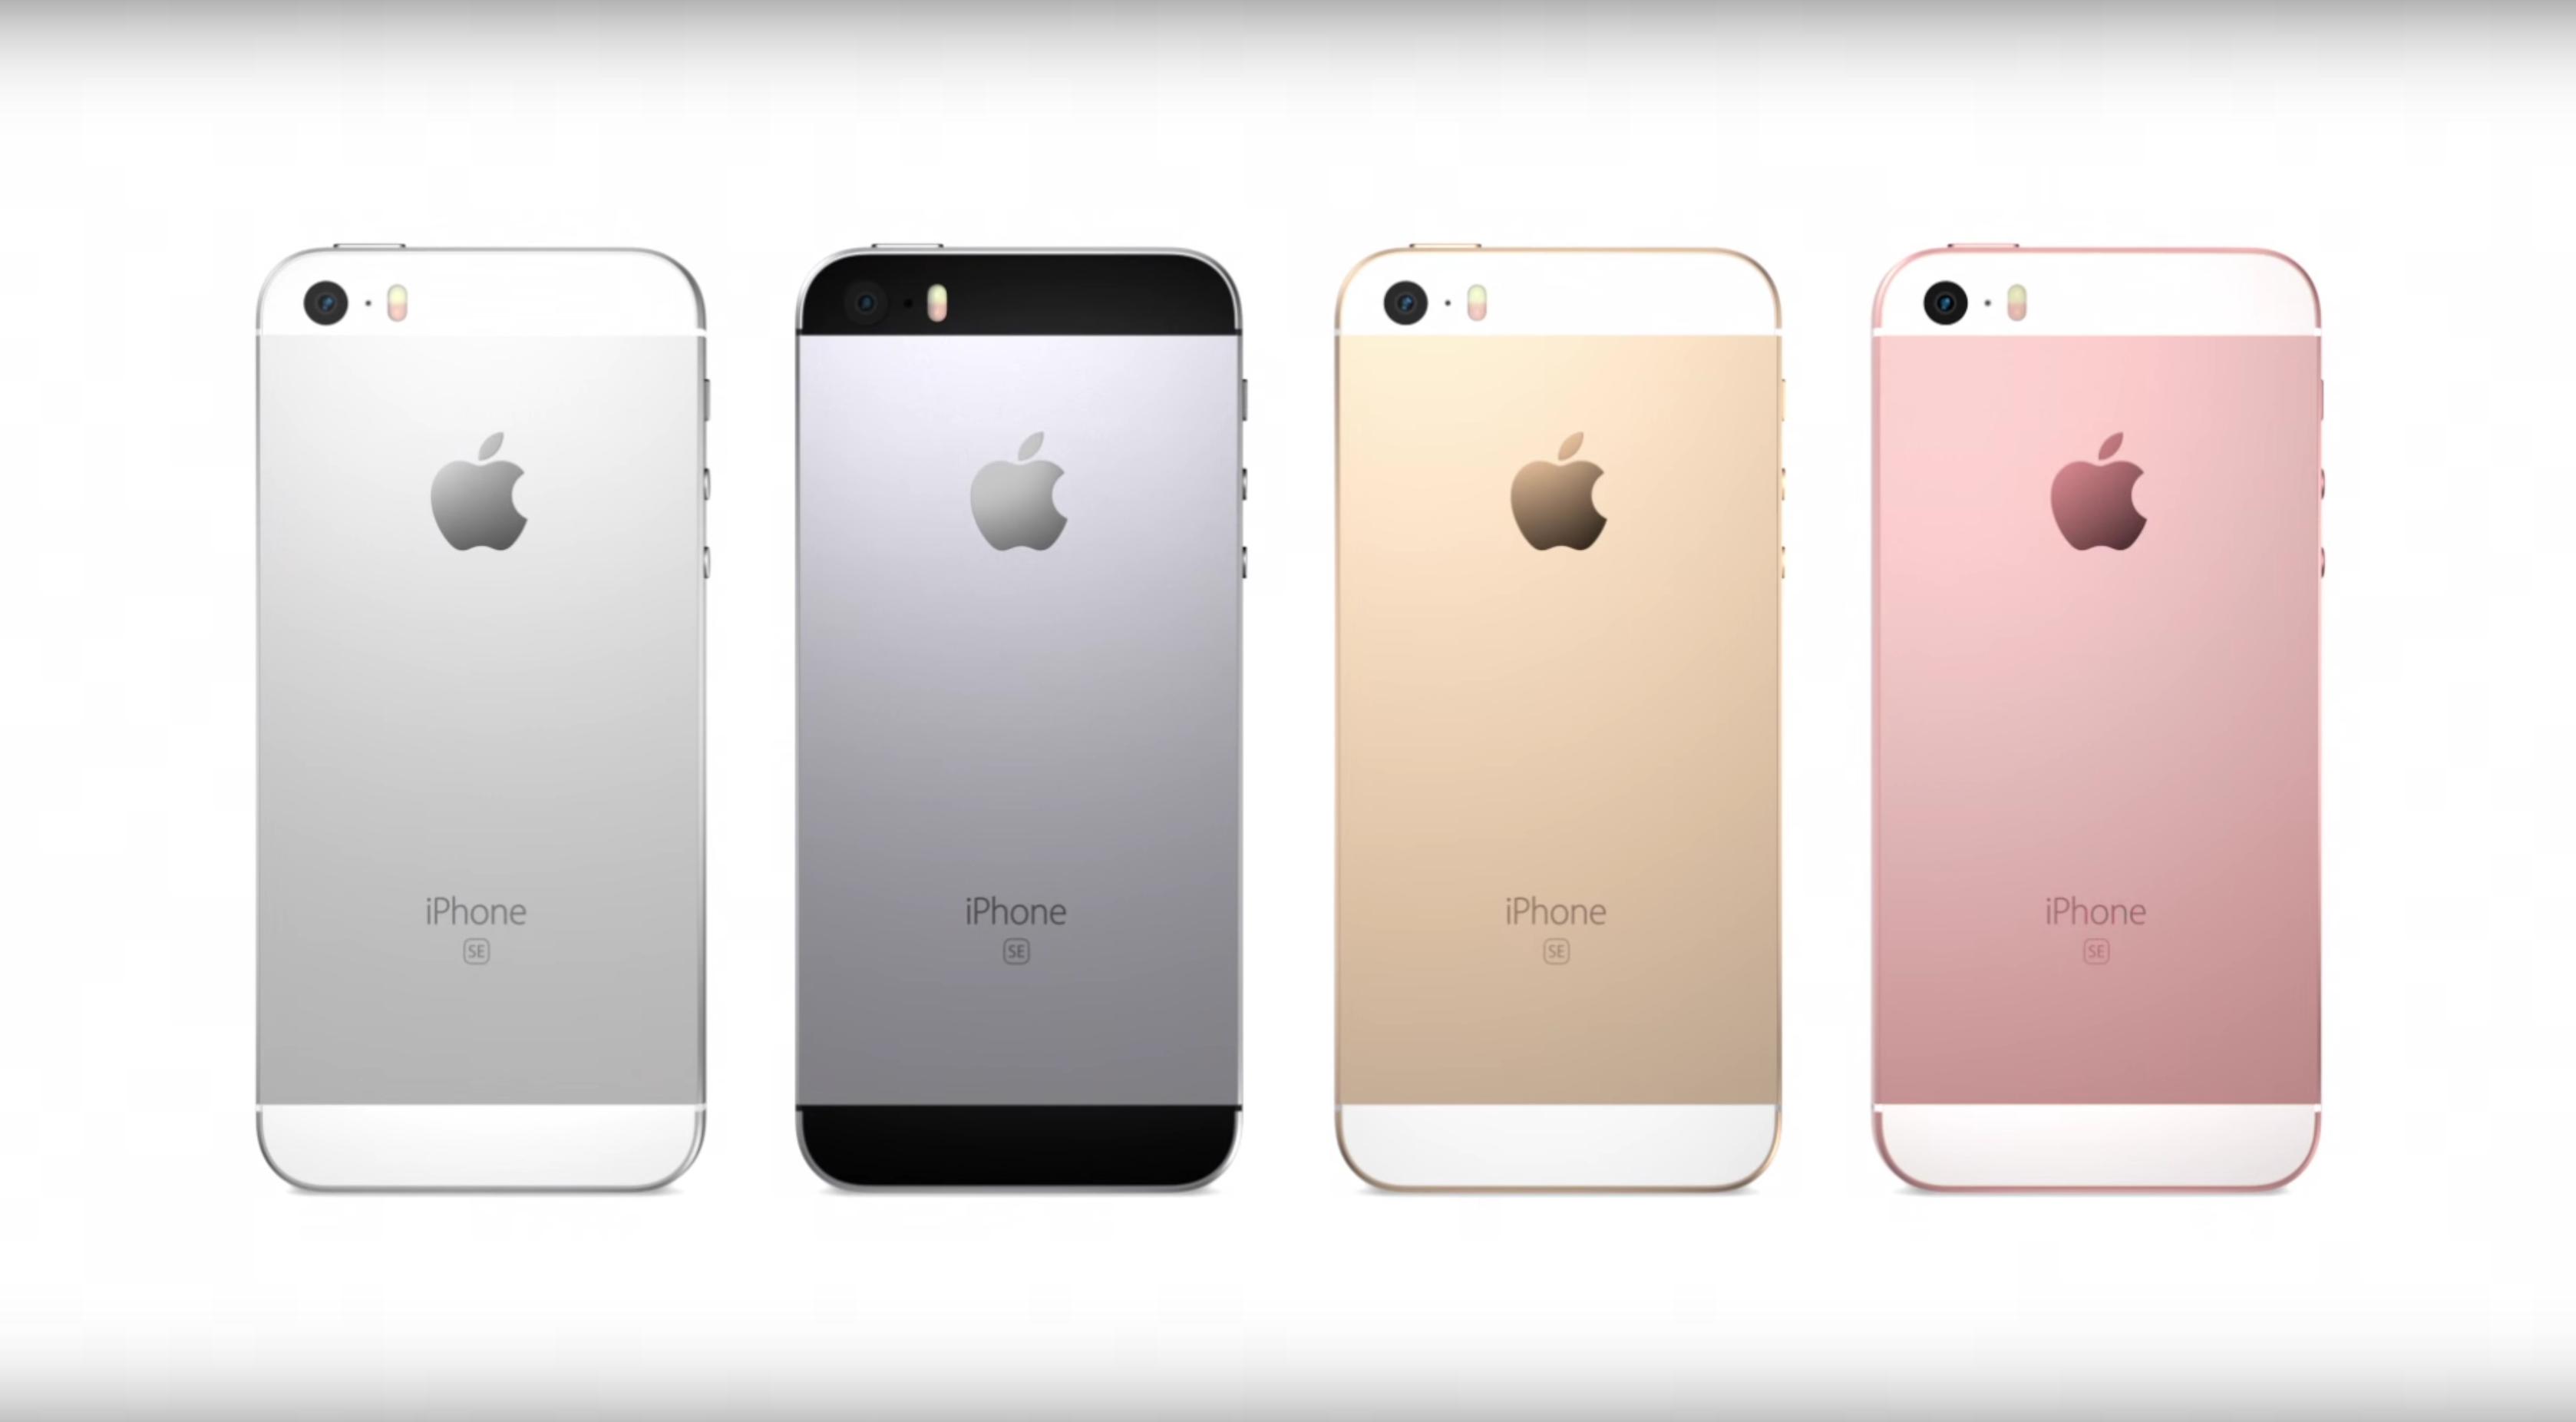 Das iPhone SE kommt in vier verschiedenen Farben.